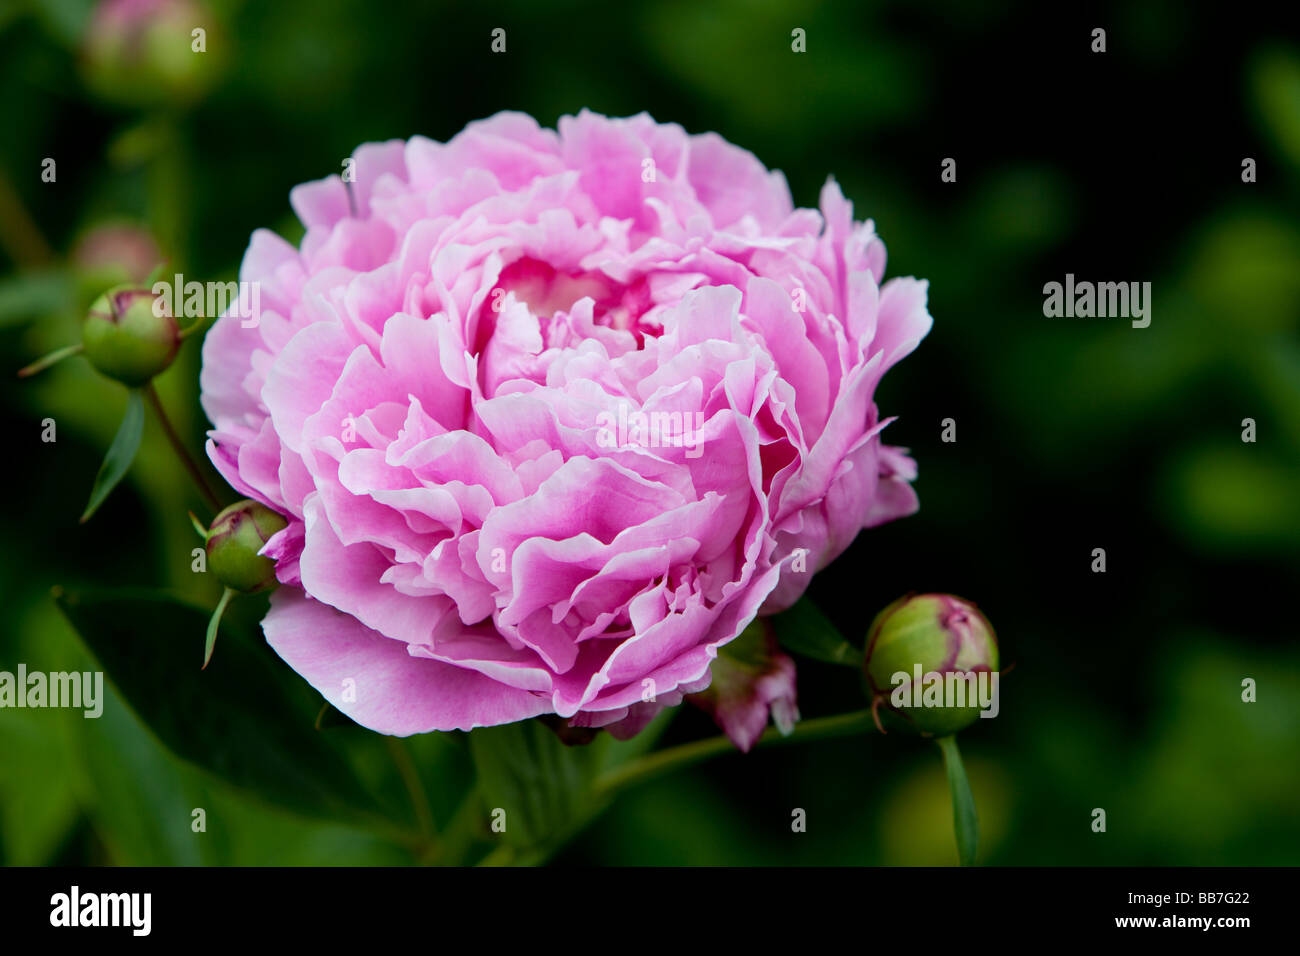 Rosa Pfingstrose - Gattung Paeonia, die einzige Gattung in der Familie Paeoniaceae Stockfoto